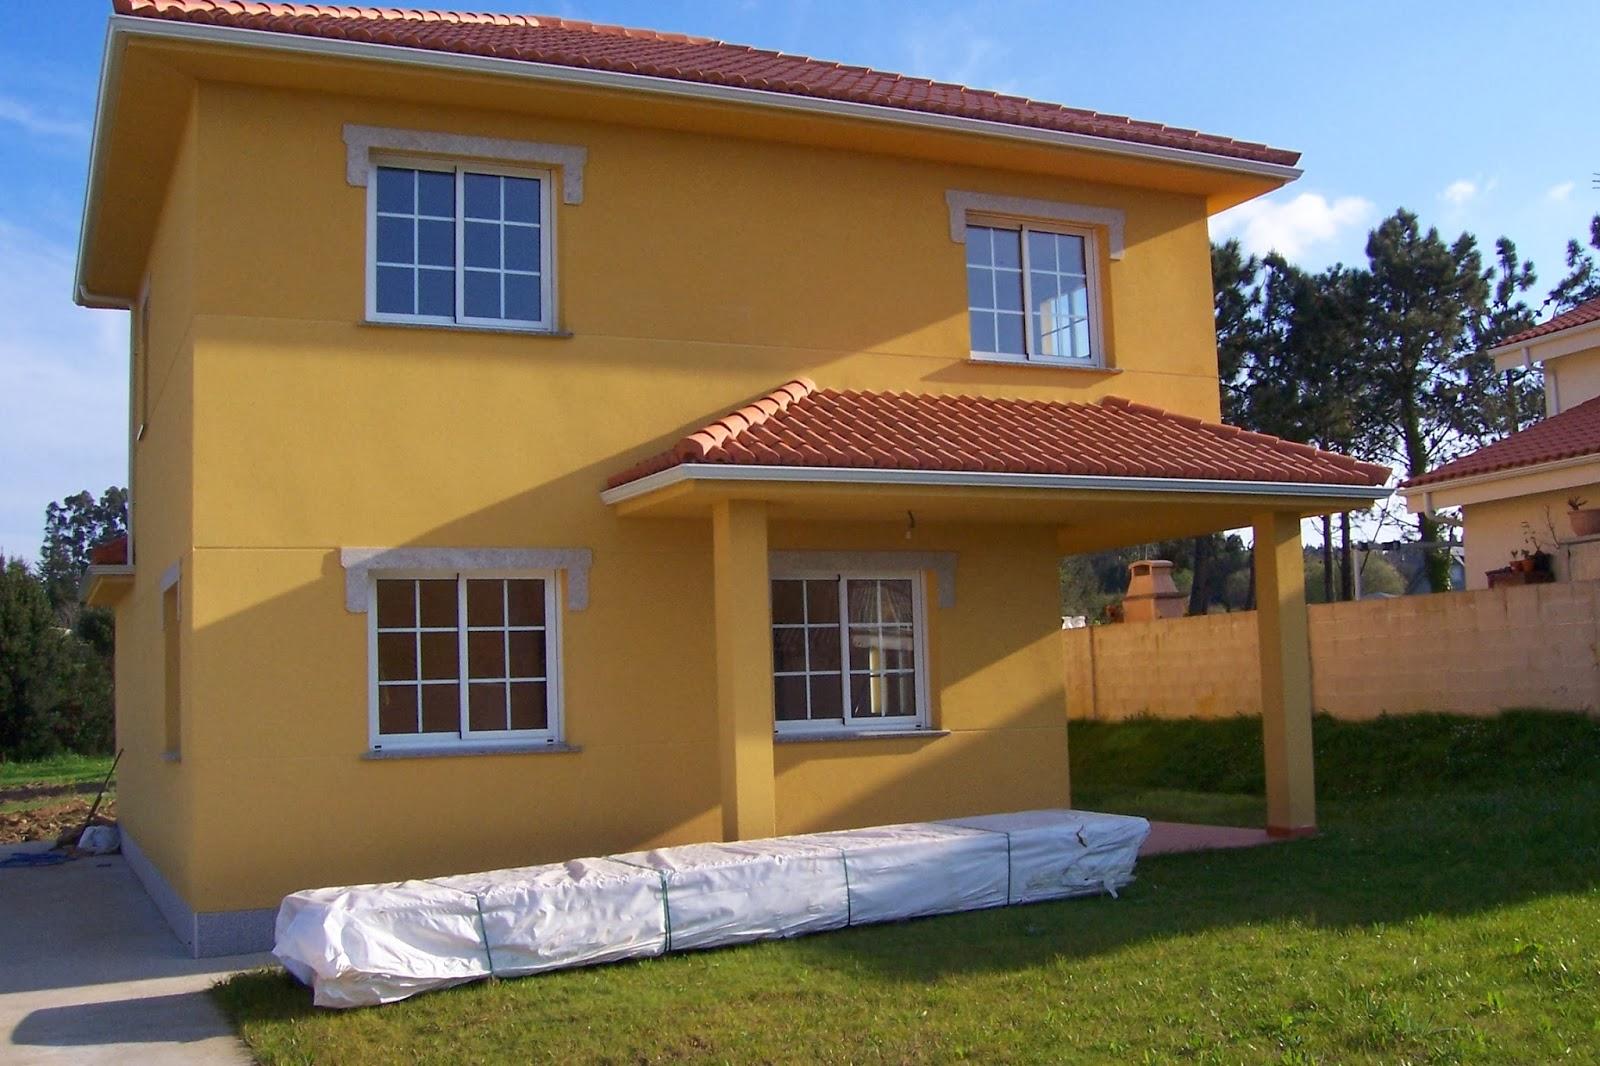 Decoraci n y afinidades colores para las fachadas - Pintura exterior colores ...